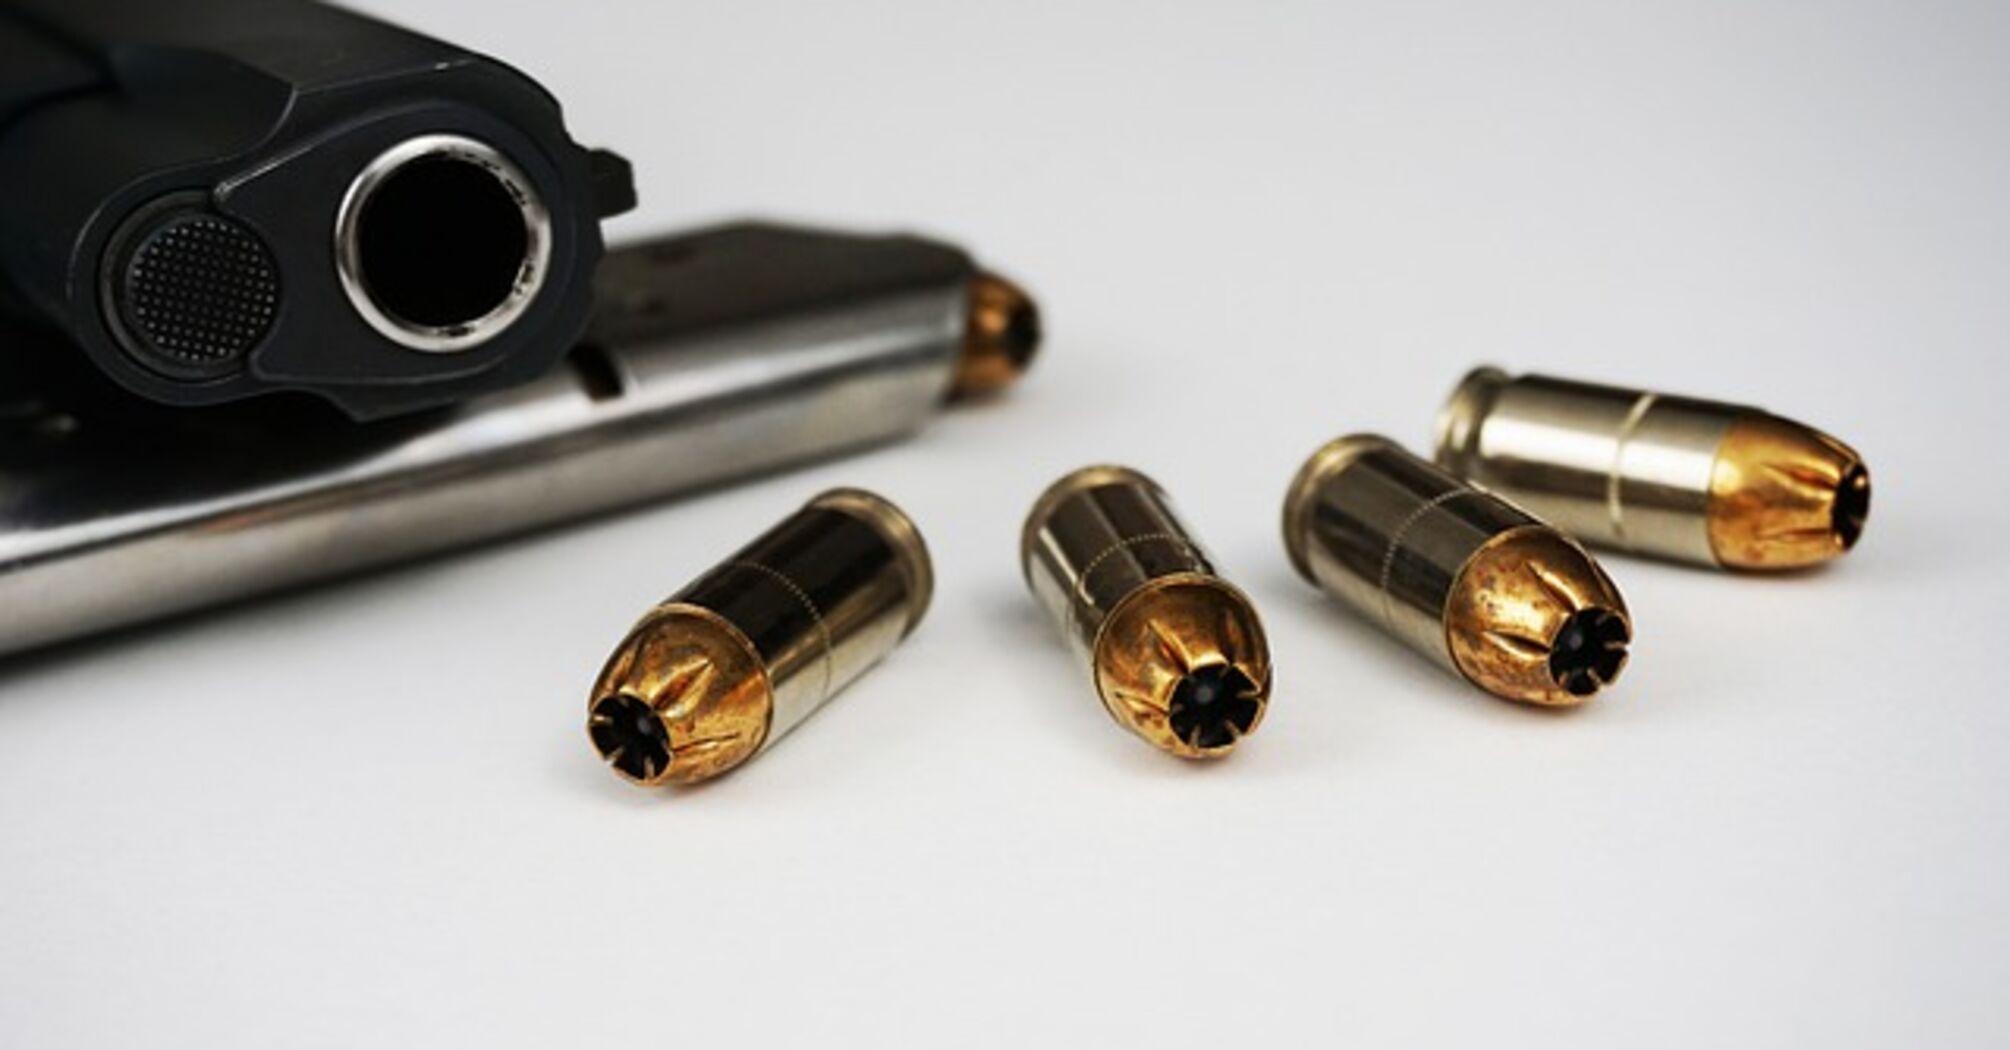 Українцям запропонували роздати стрілецьку зброю: навіщо і кому належить